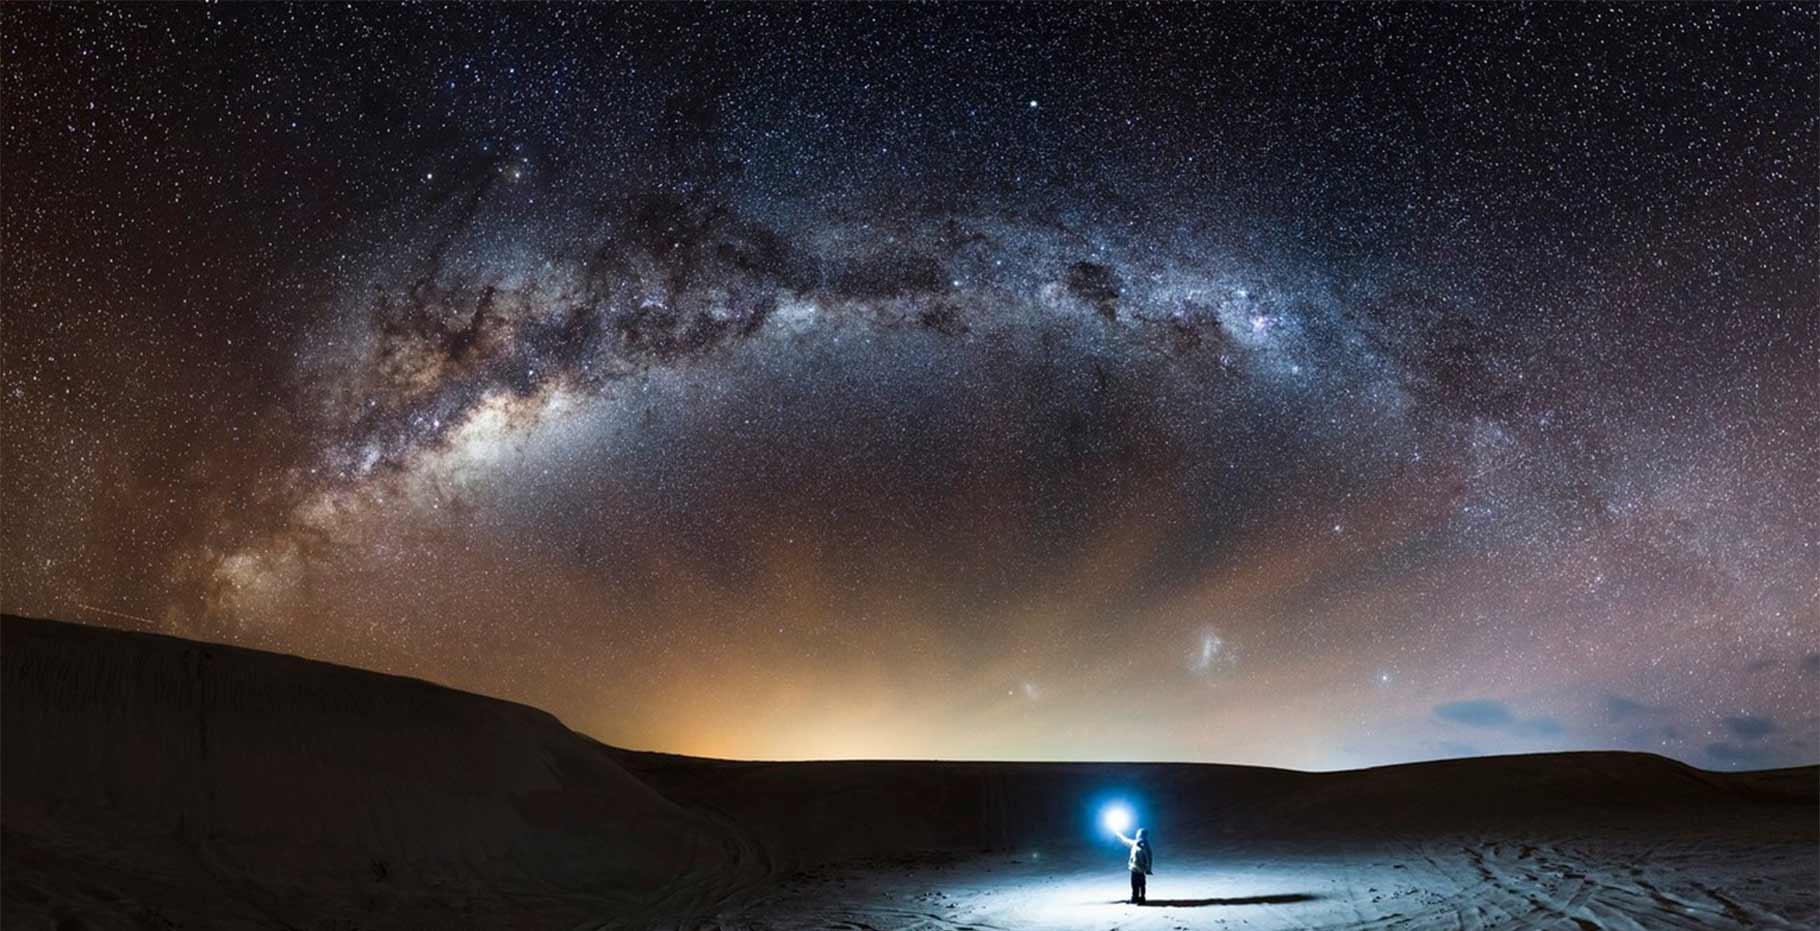 عکاسی در شب چیست